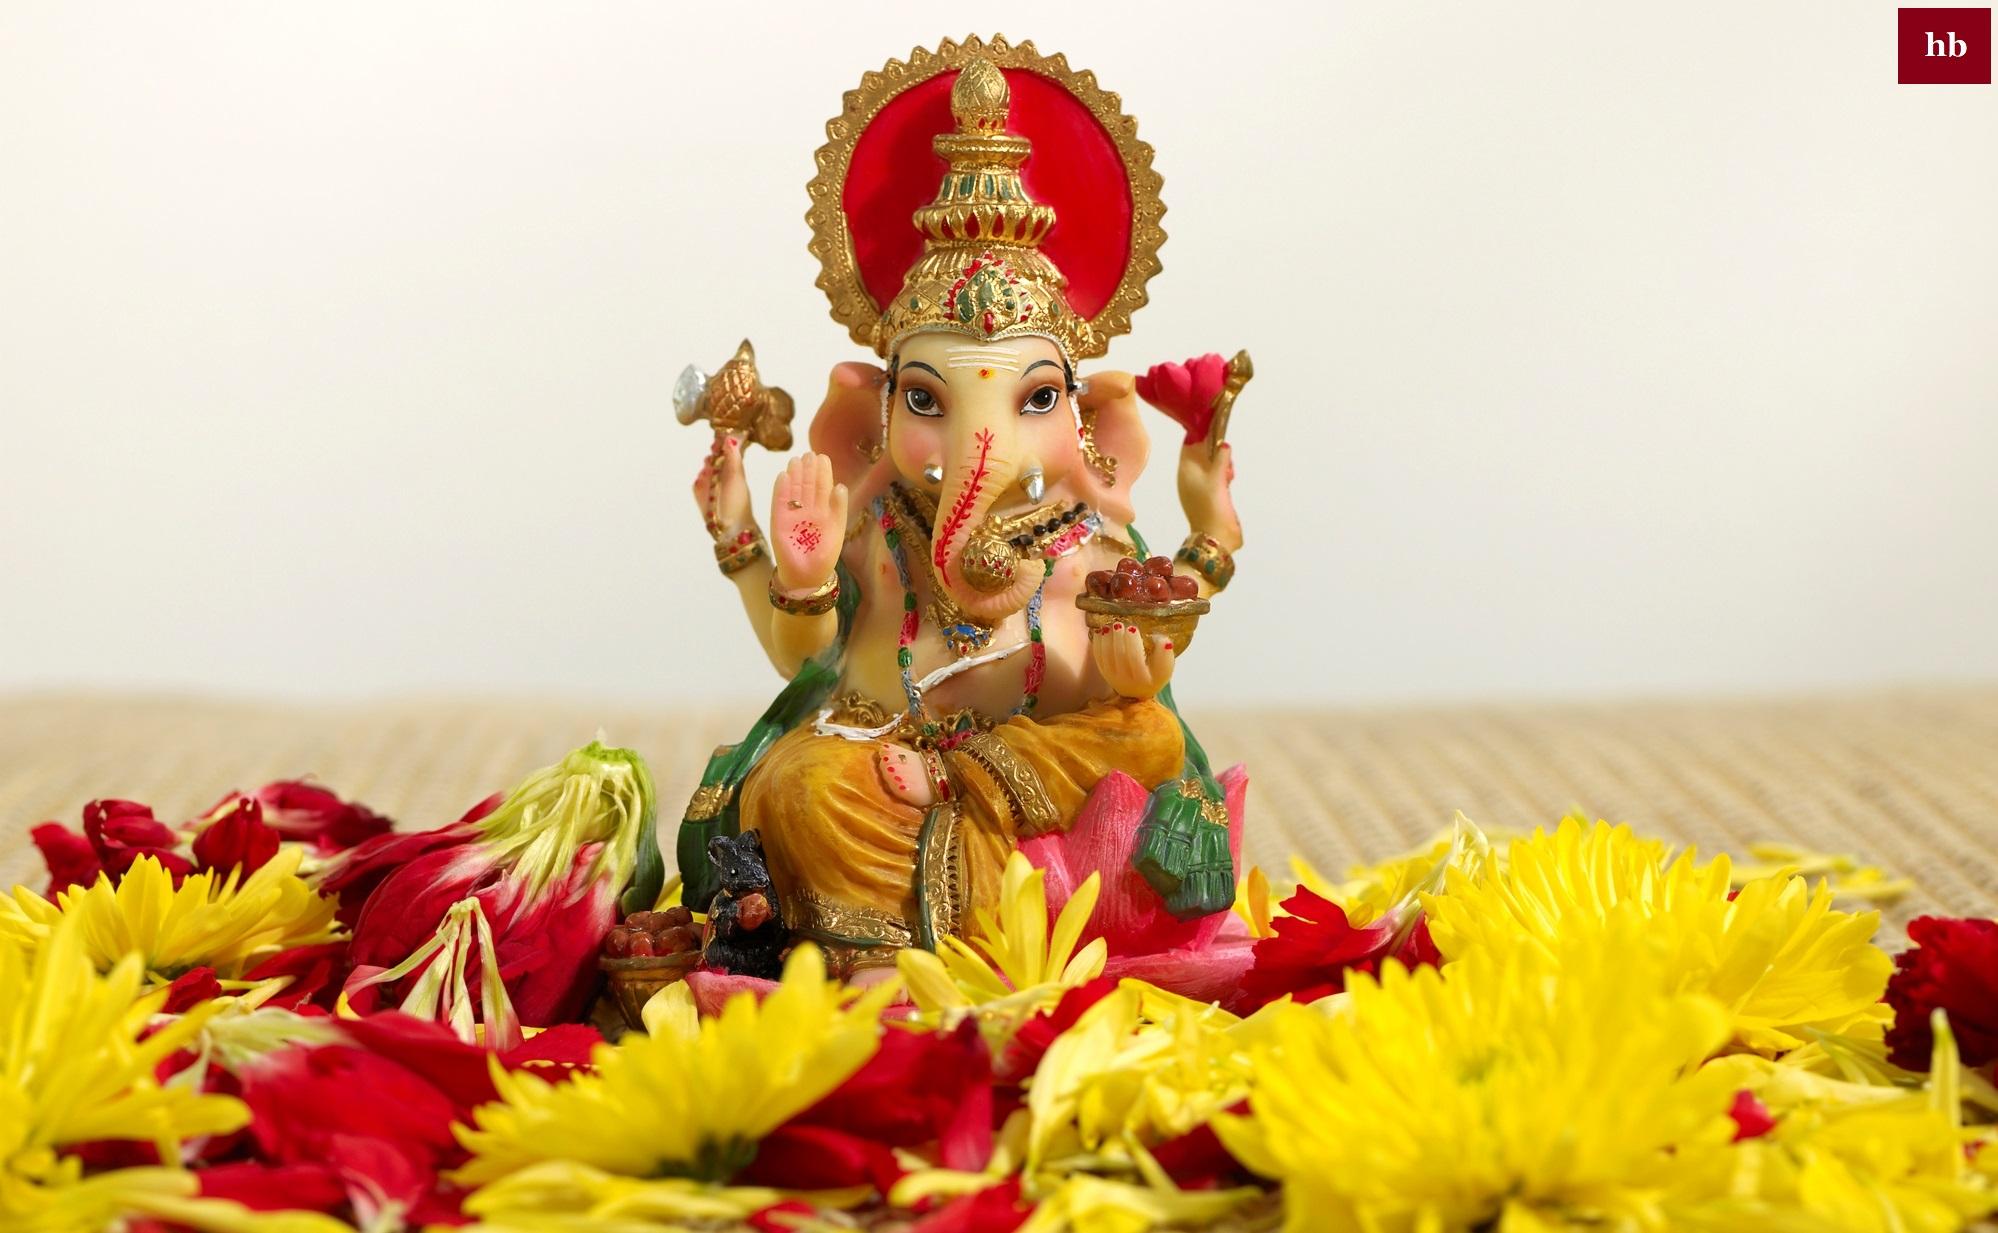 Ganesha Images Lord Ganehsha Wallpapers Lord Ganesha Images Download Vinayagar Photos Hd Wallpapers